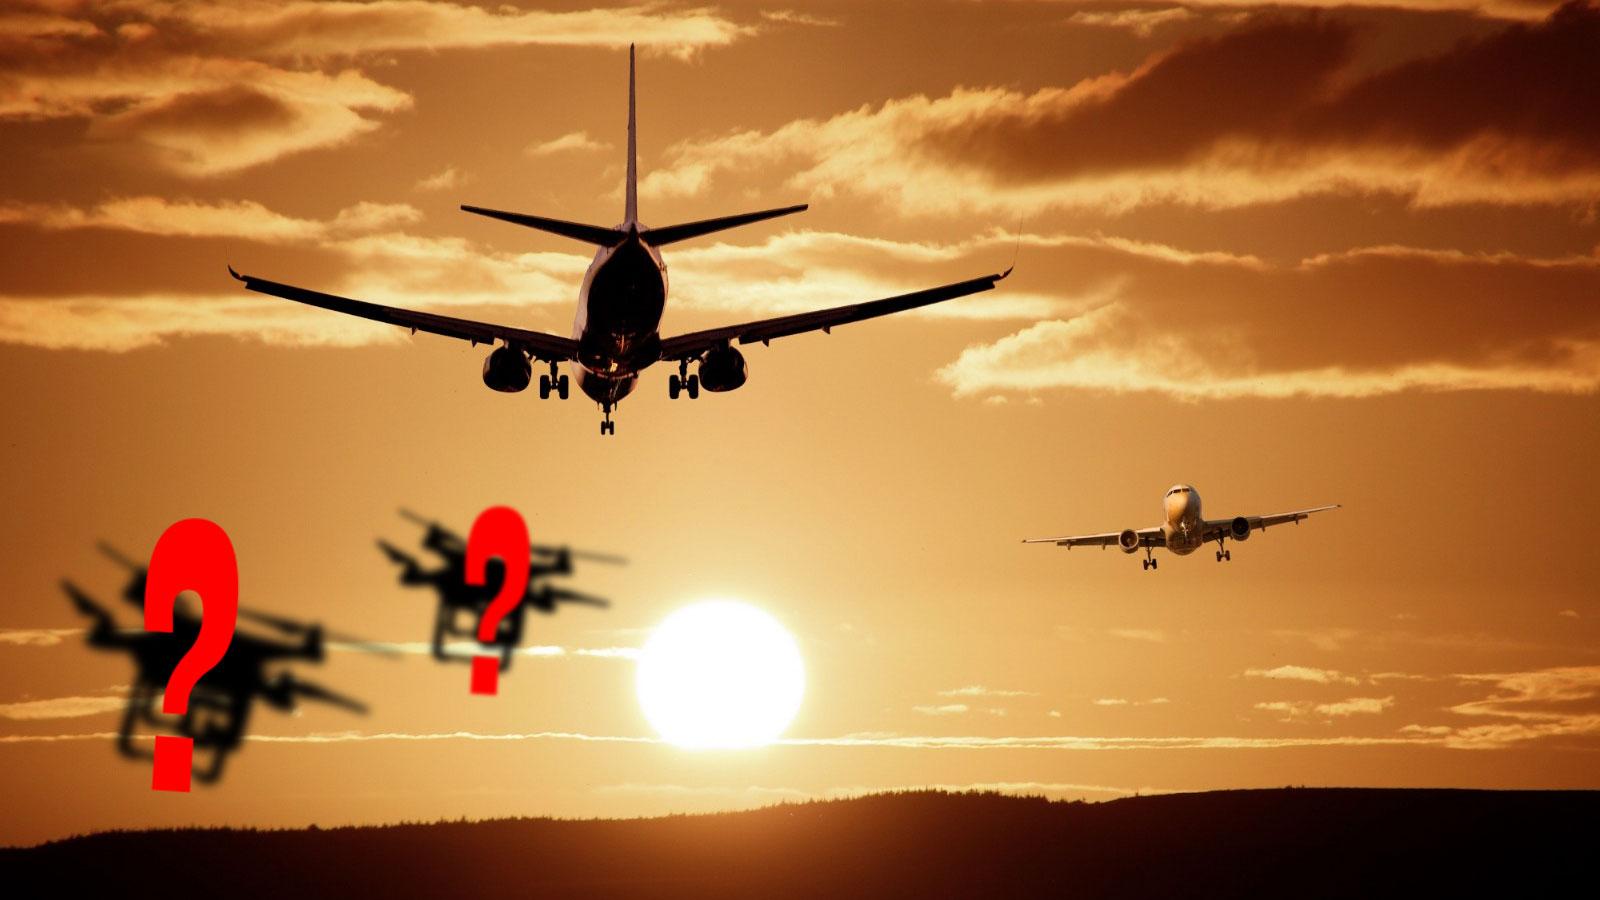 """El """"Dronegate"""" – ¿Qué sucedió realmente en el aeropuerto de Gatwick?"""